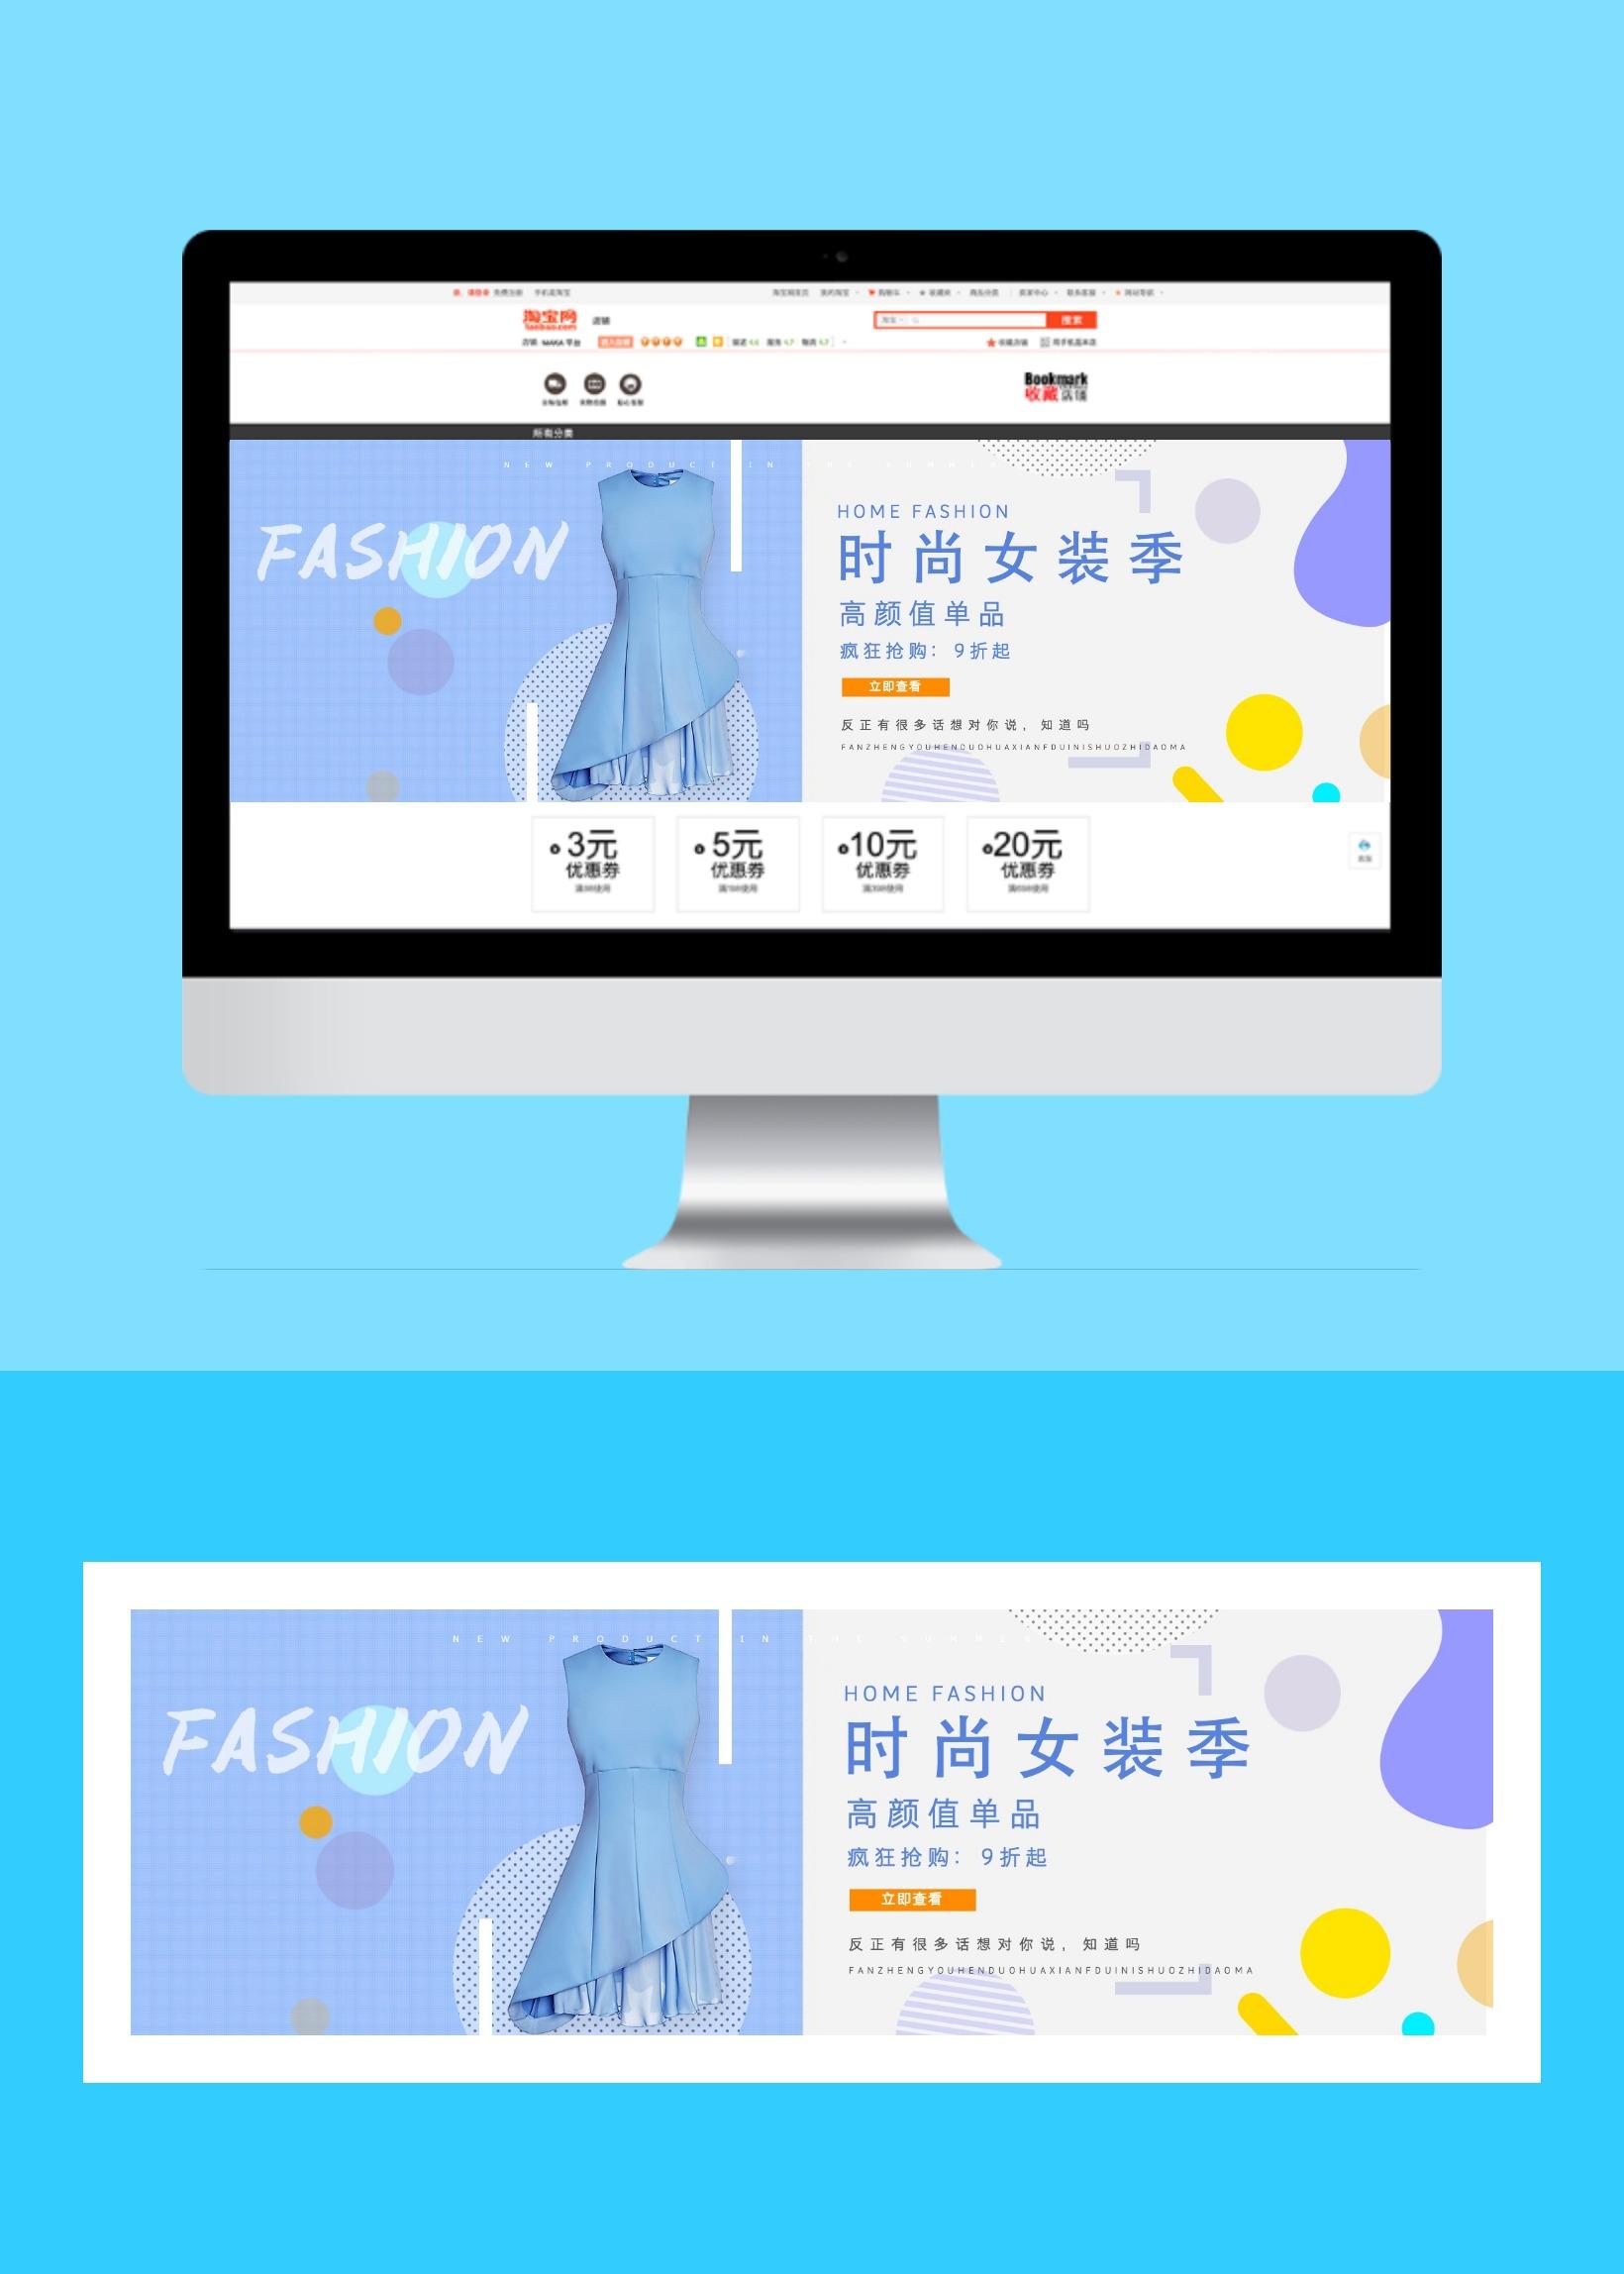 新春时尚大气女装电商产品促销宣传banner